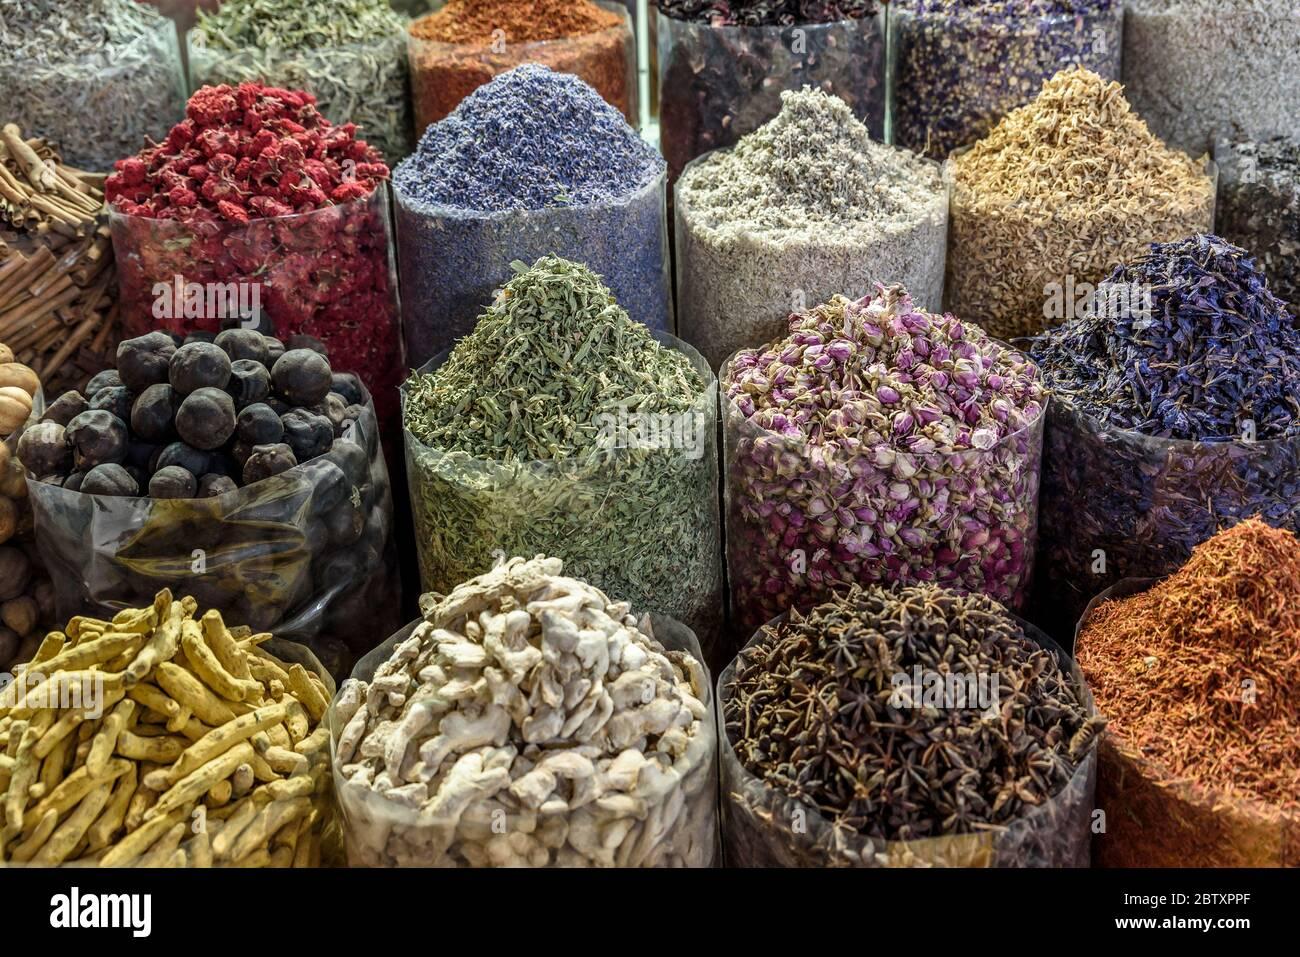 Épices colorées dans un souk arabe traditionnel. L'âme est située à Dubaï, au Moyen-Orient. Banque D'Images